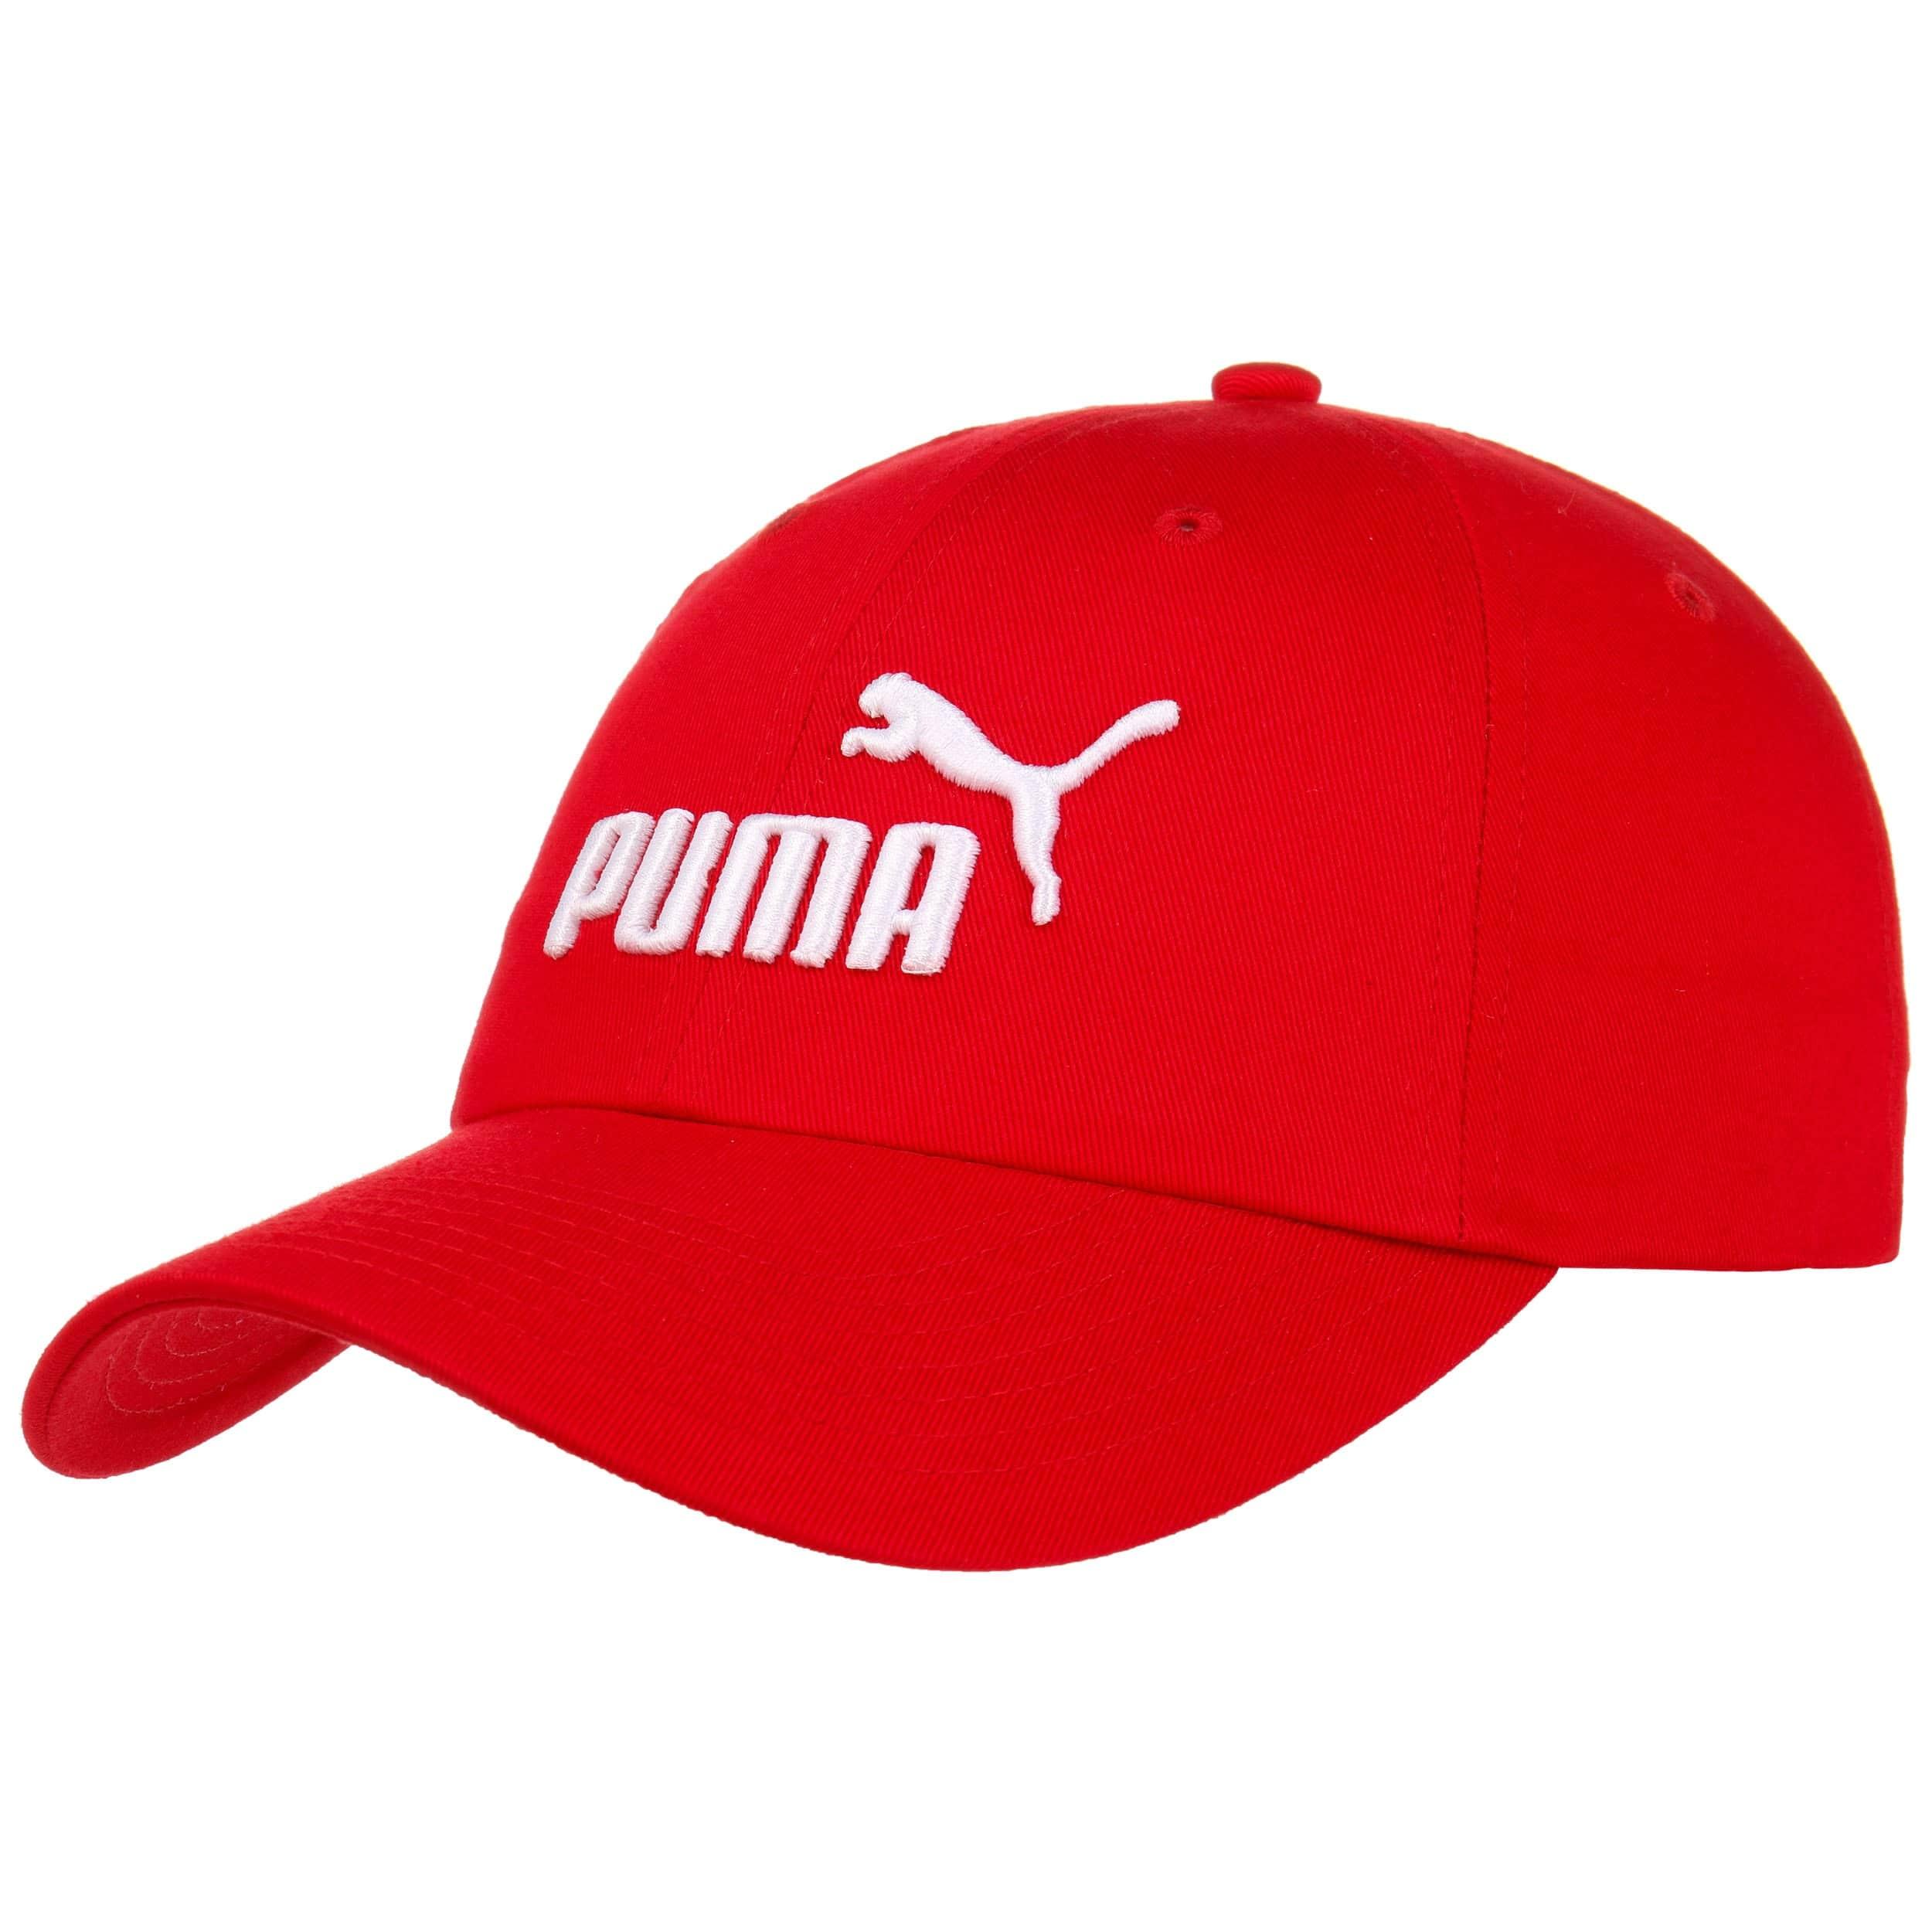 ca8633d9a No. 1 Baseball Cap by PUMA, EUR 14,95 --> Hats, caps & beanies shop ...